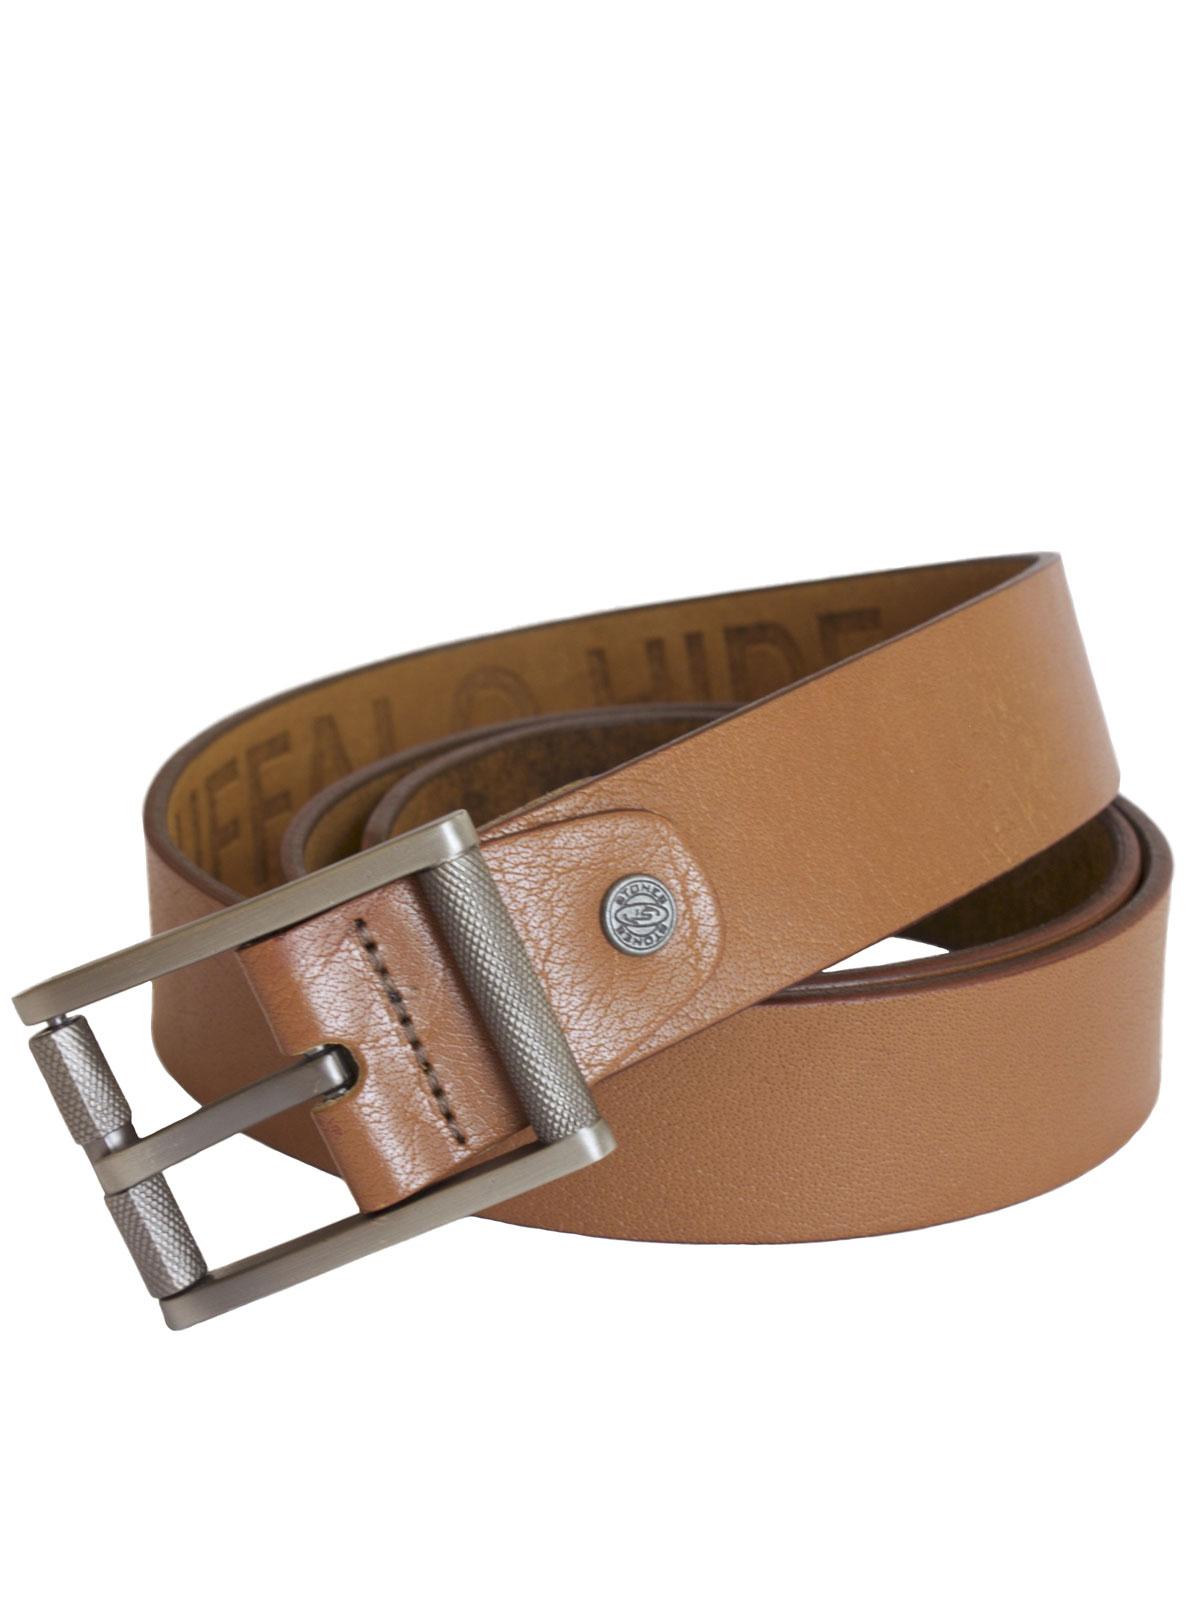 Stones Men's Leather Belt (B3), 3 colours